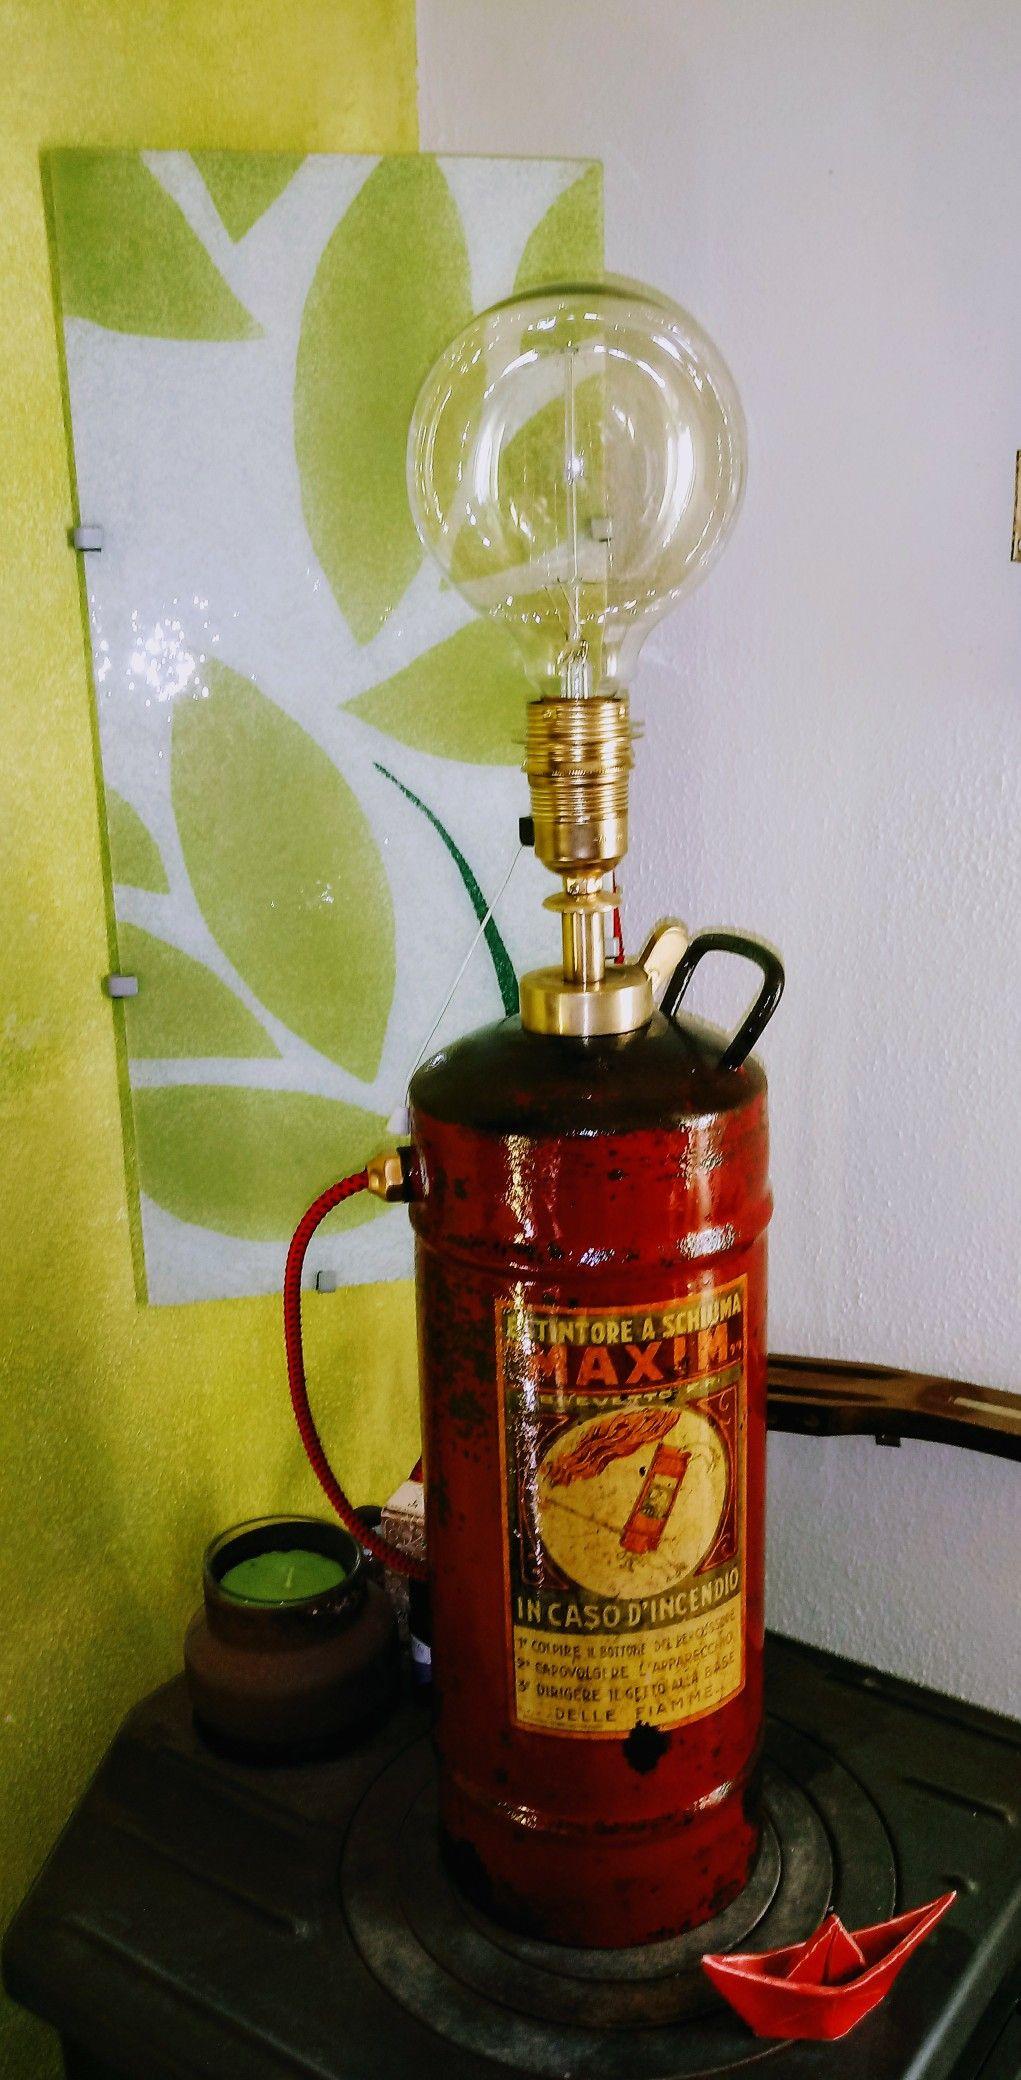 FIRE LAMP recupero creativo di vecchi estintori